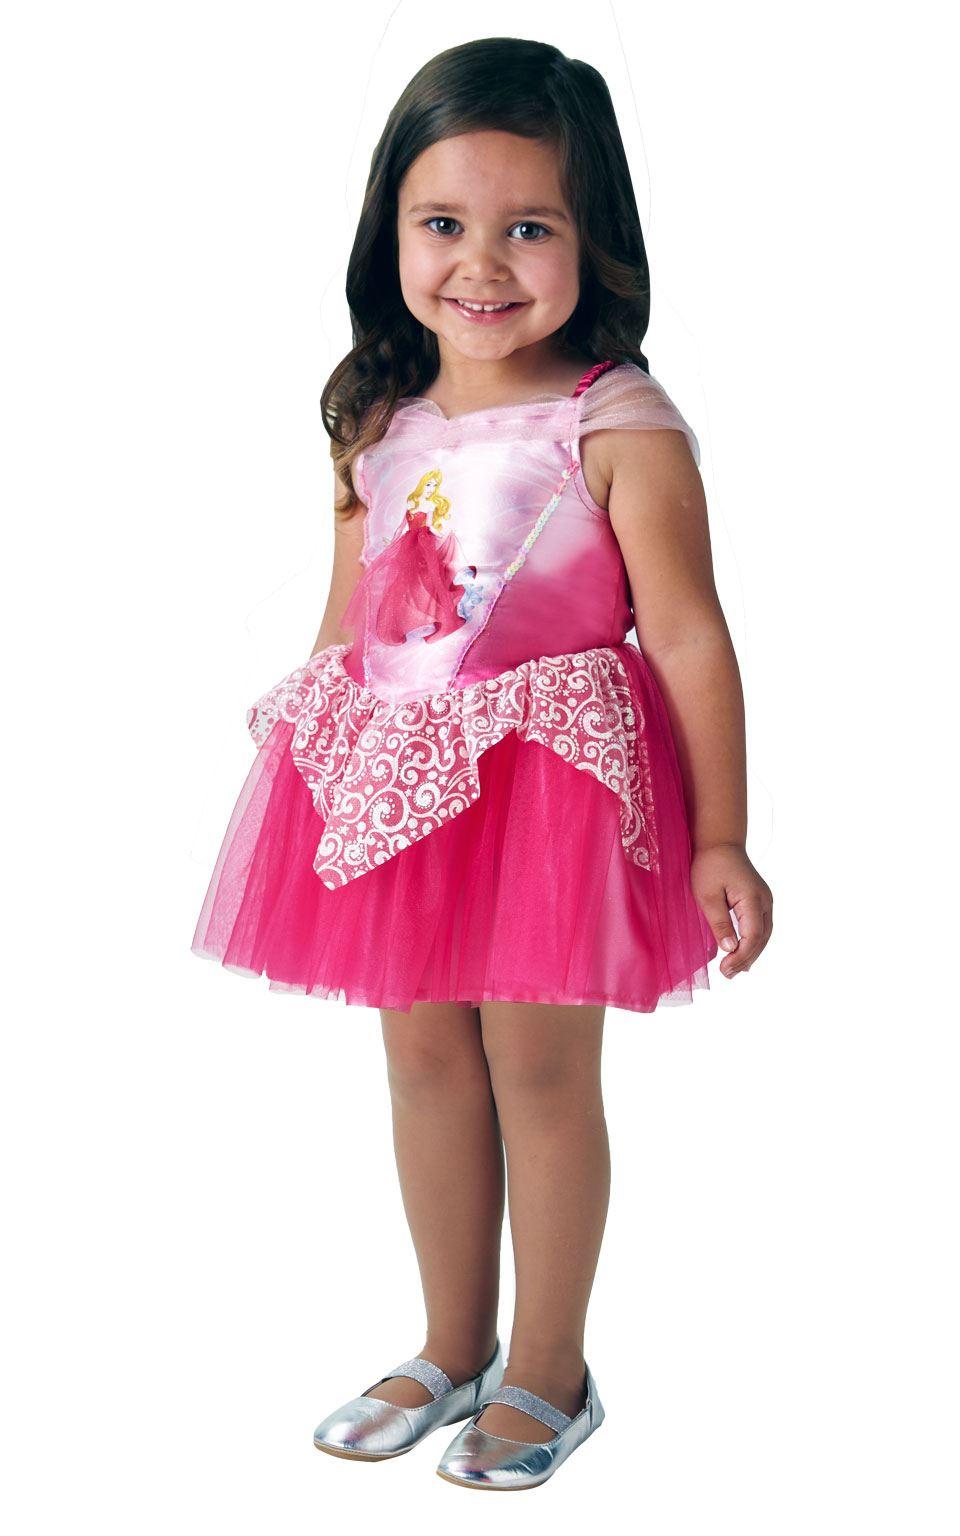 Bailarina Niñas Bella Durmiente Disfraz Princesa Disney disfraz ...